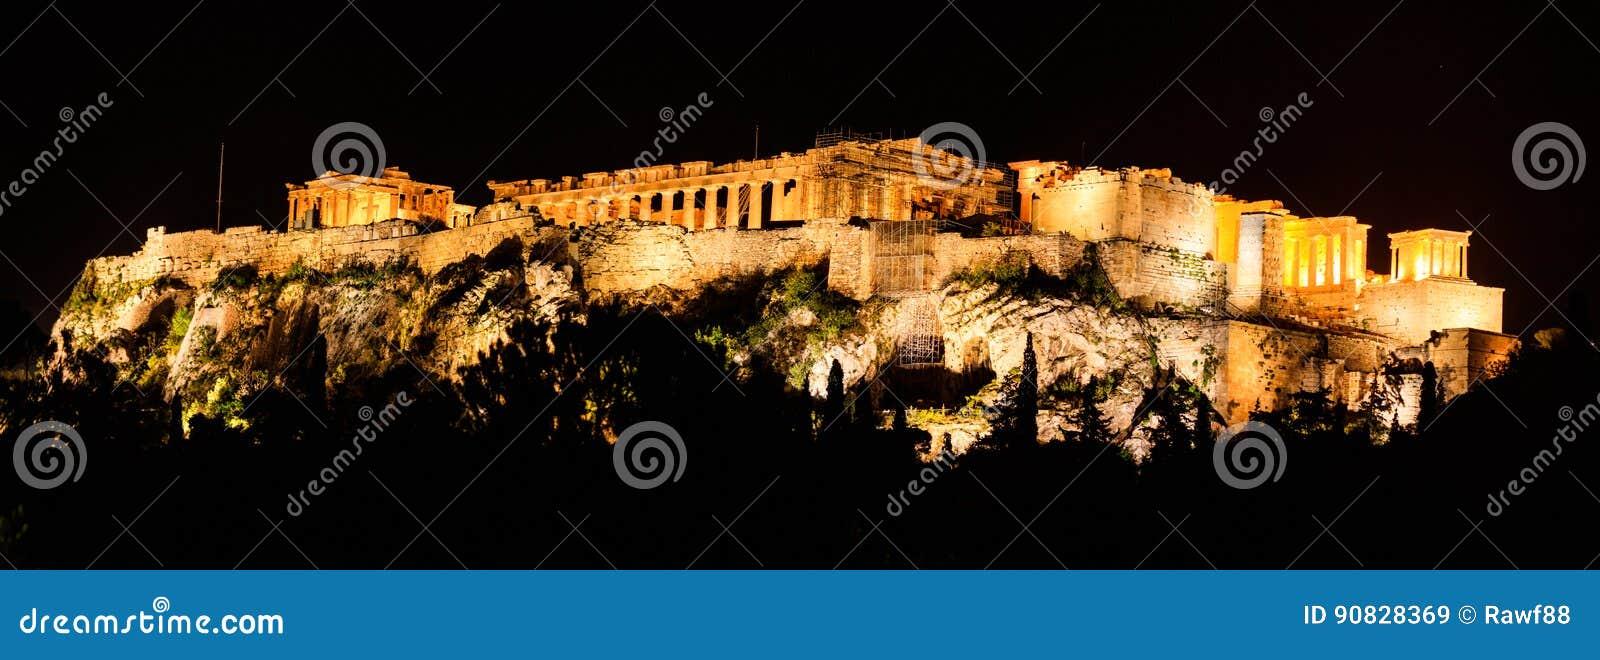 Acrópole de Atenas, Grécia